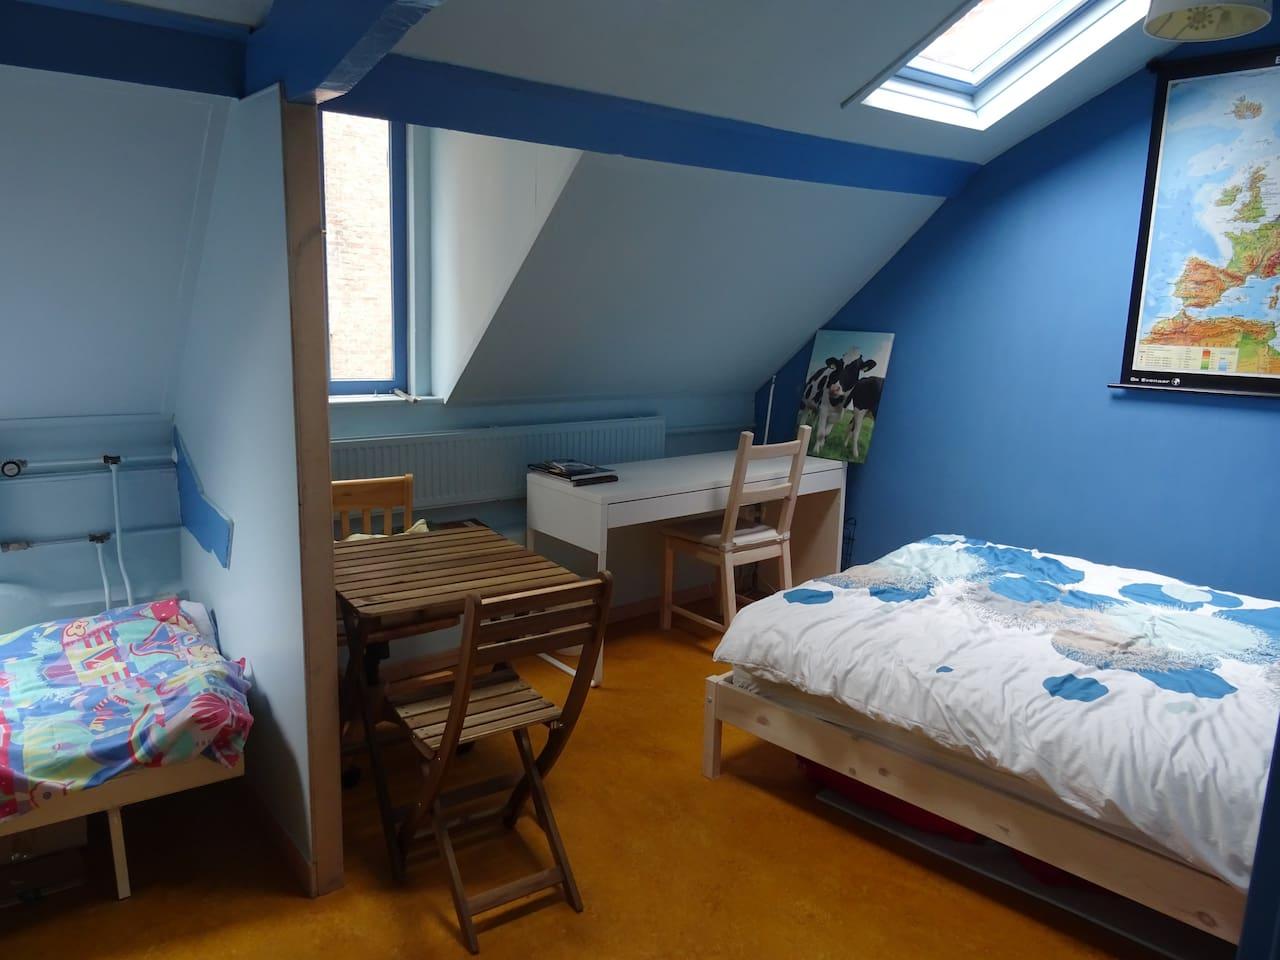 Kamer op de eerste verdieping, met schuin dak, een groot bed en een klein bed